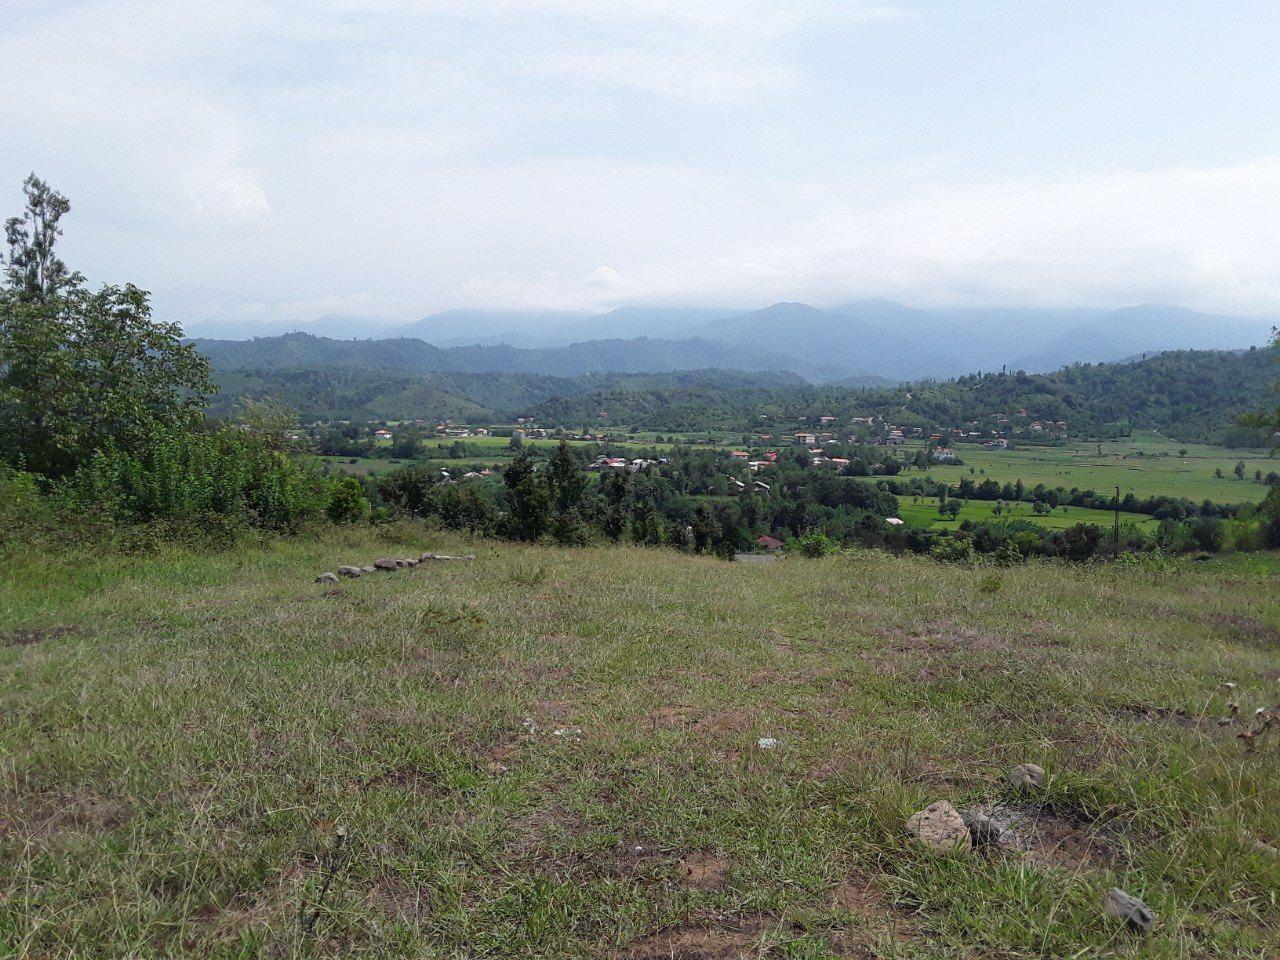 فروش زمین 15 هزار متری مسکونی در اطاقور